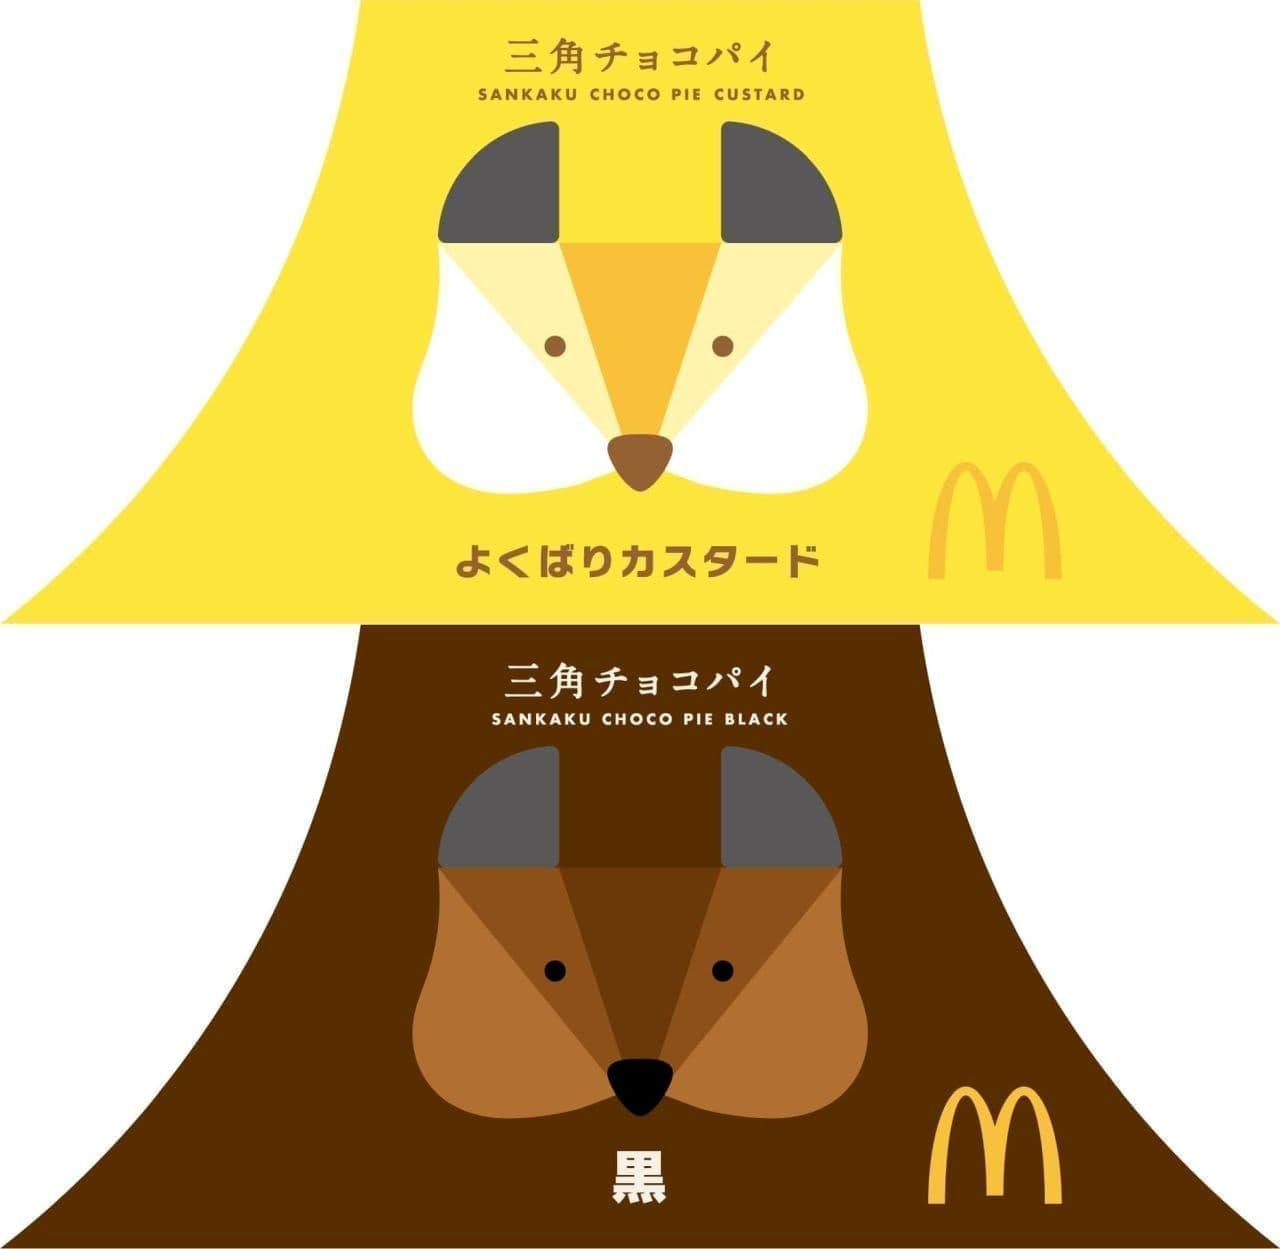 マクドナルド「三角チョコパイ よくばりカスタード」「三角チョコパイ黒」